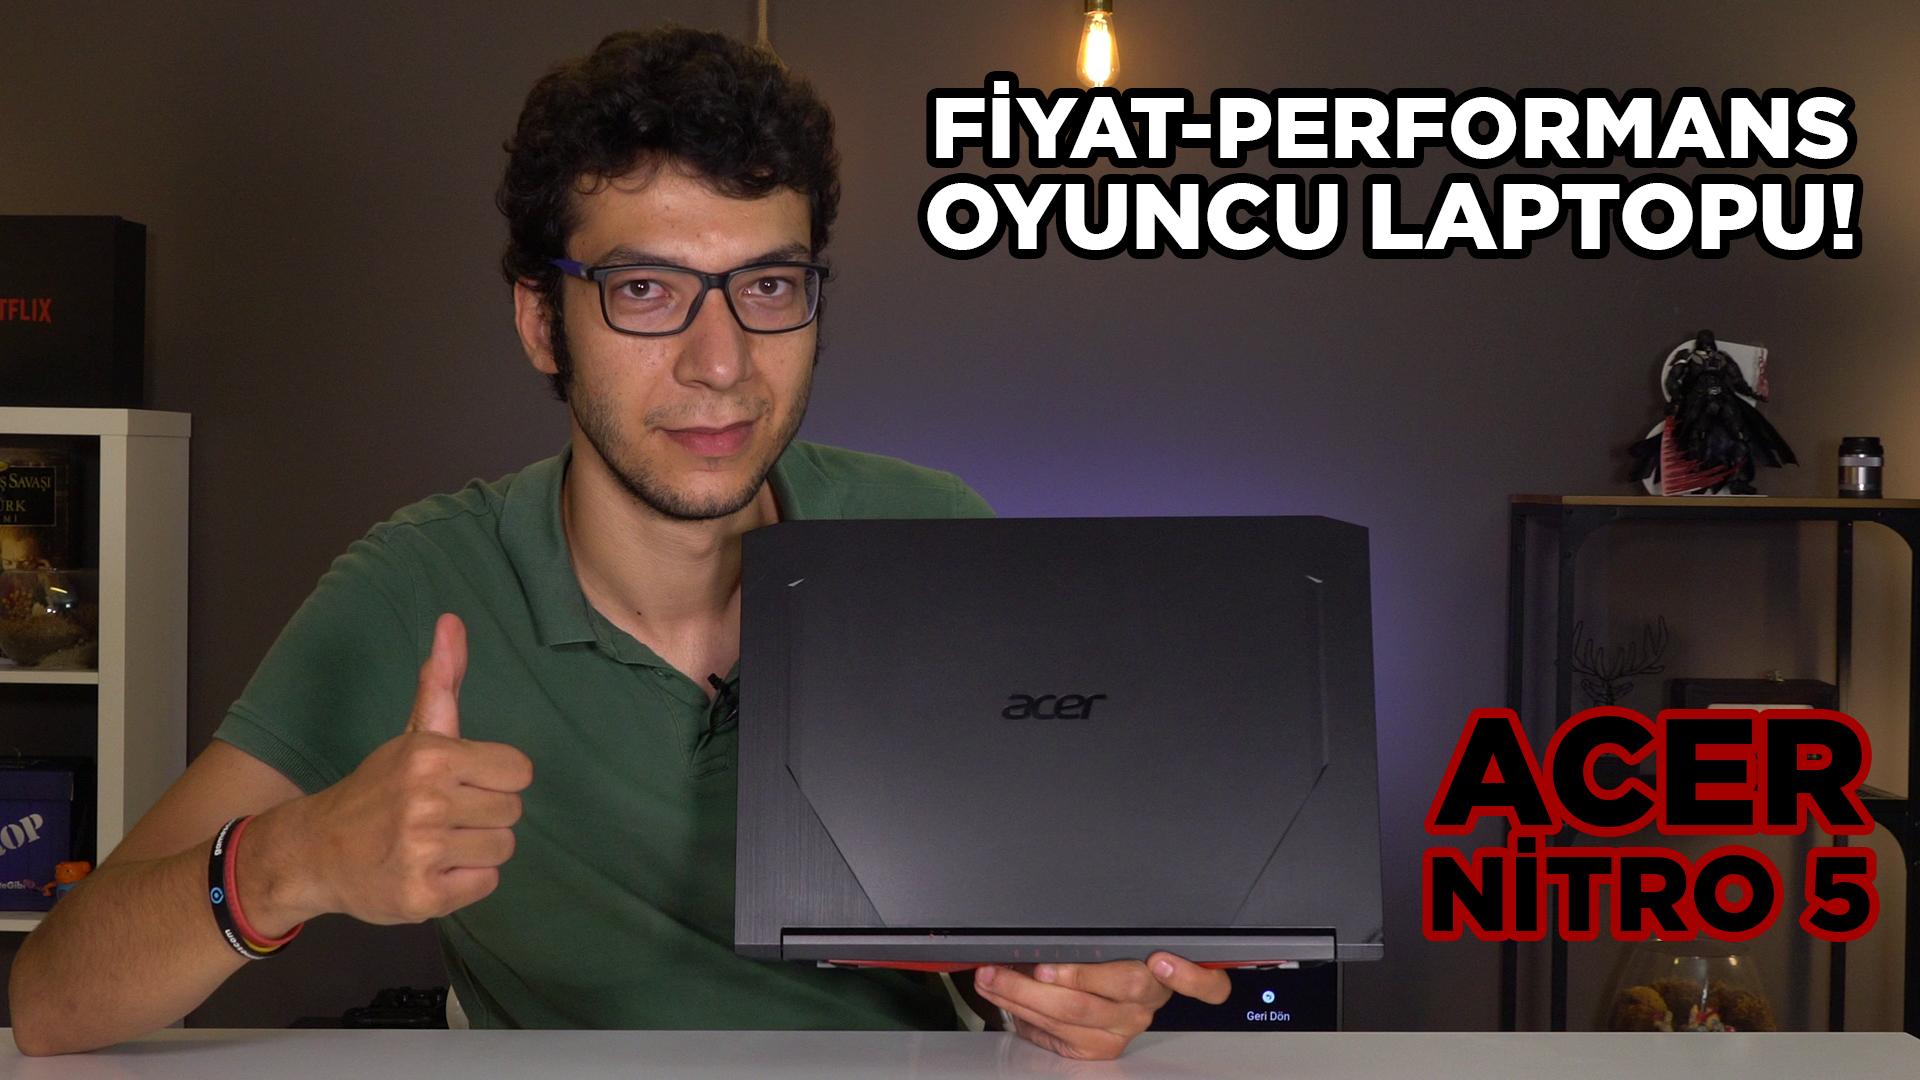 ACER NITRO 5 incelemesi | Yenilenen tasarımıyla tam bir fiyat/performans bilgisayarı!